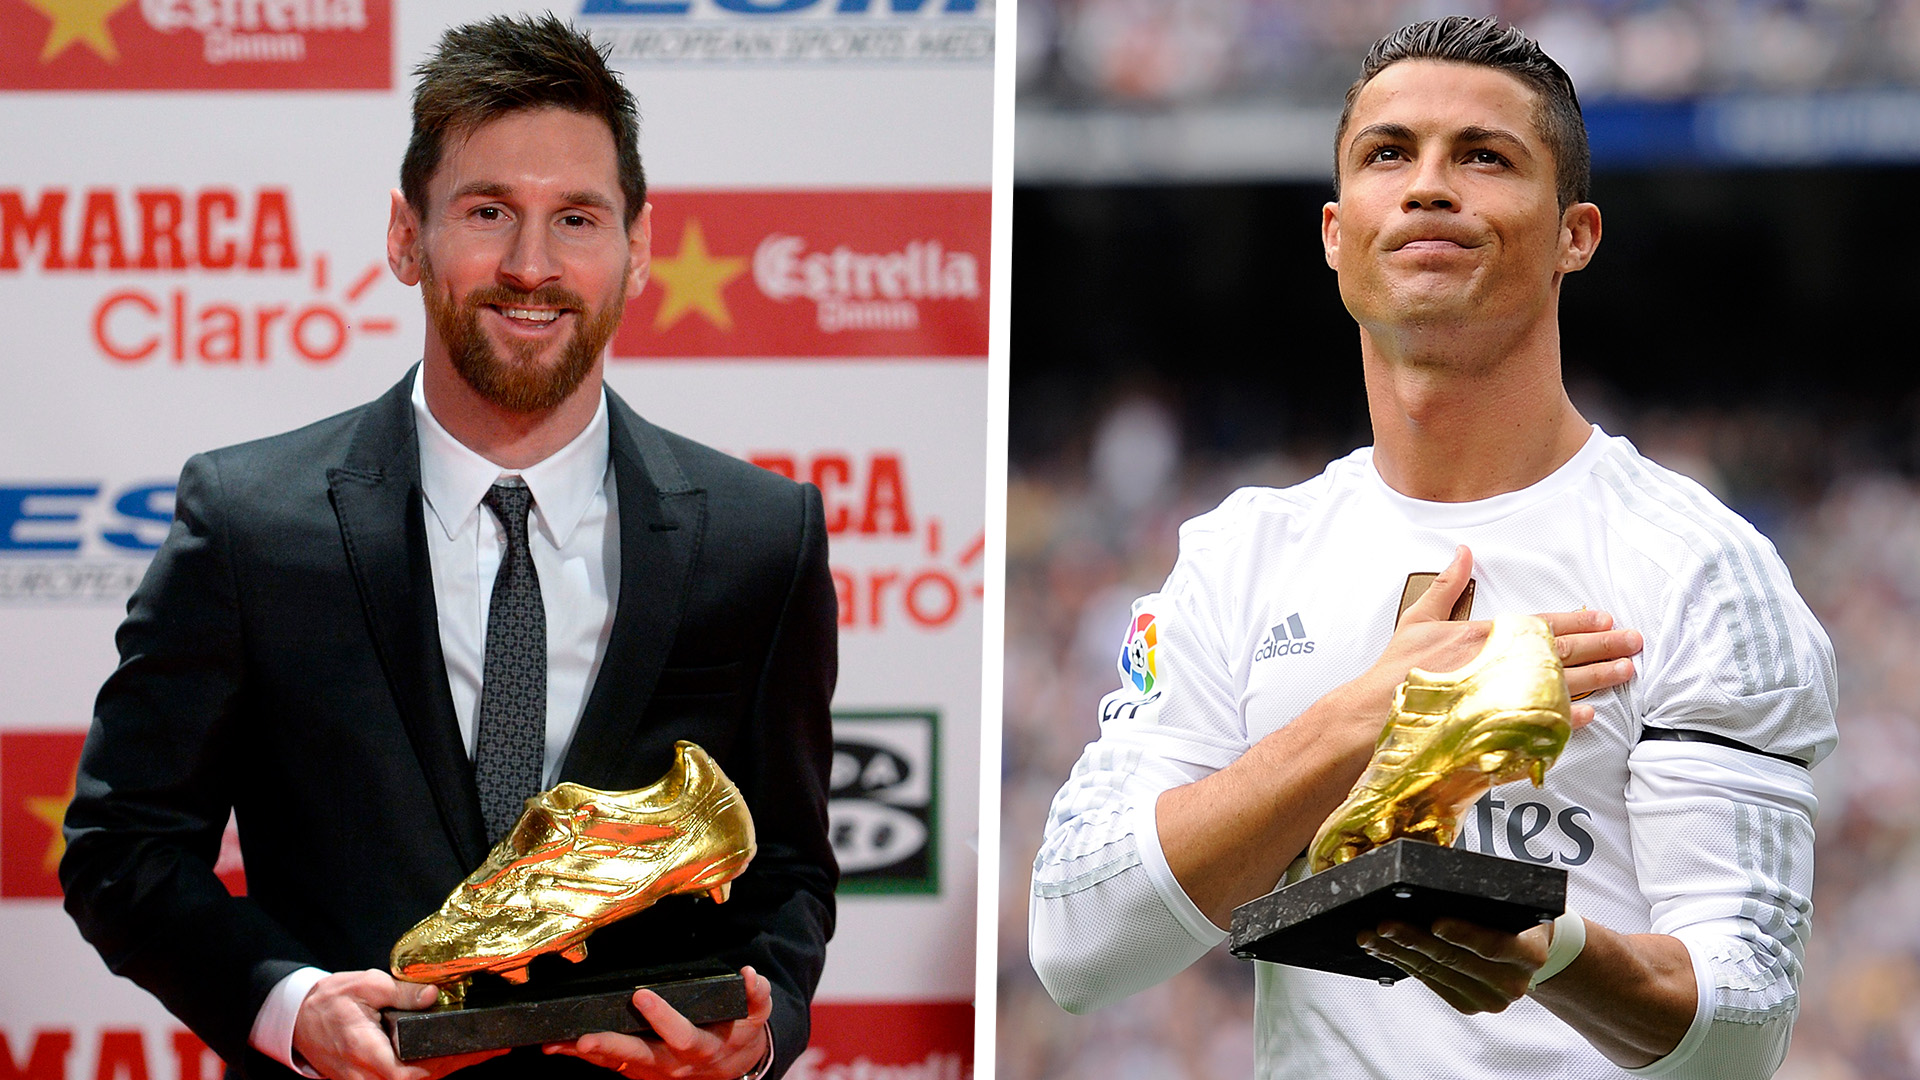 world cup UEFA Champions League Premier League golden boot trophy socce